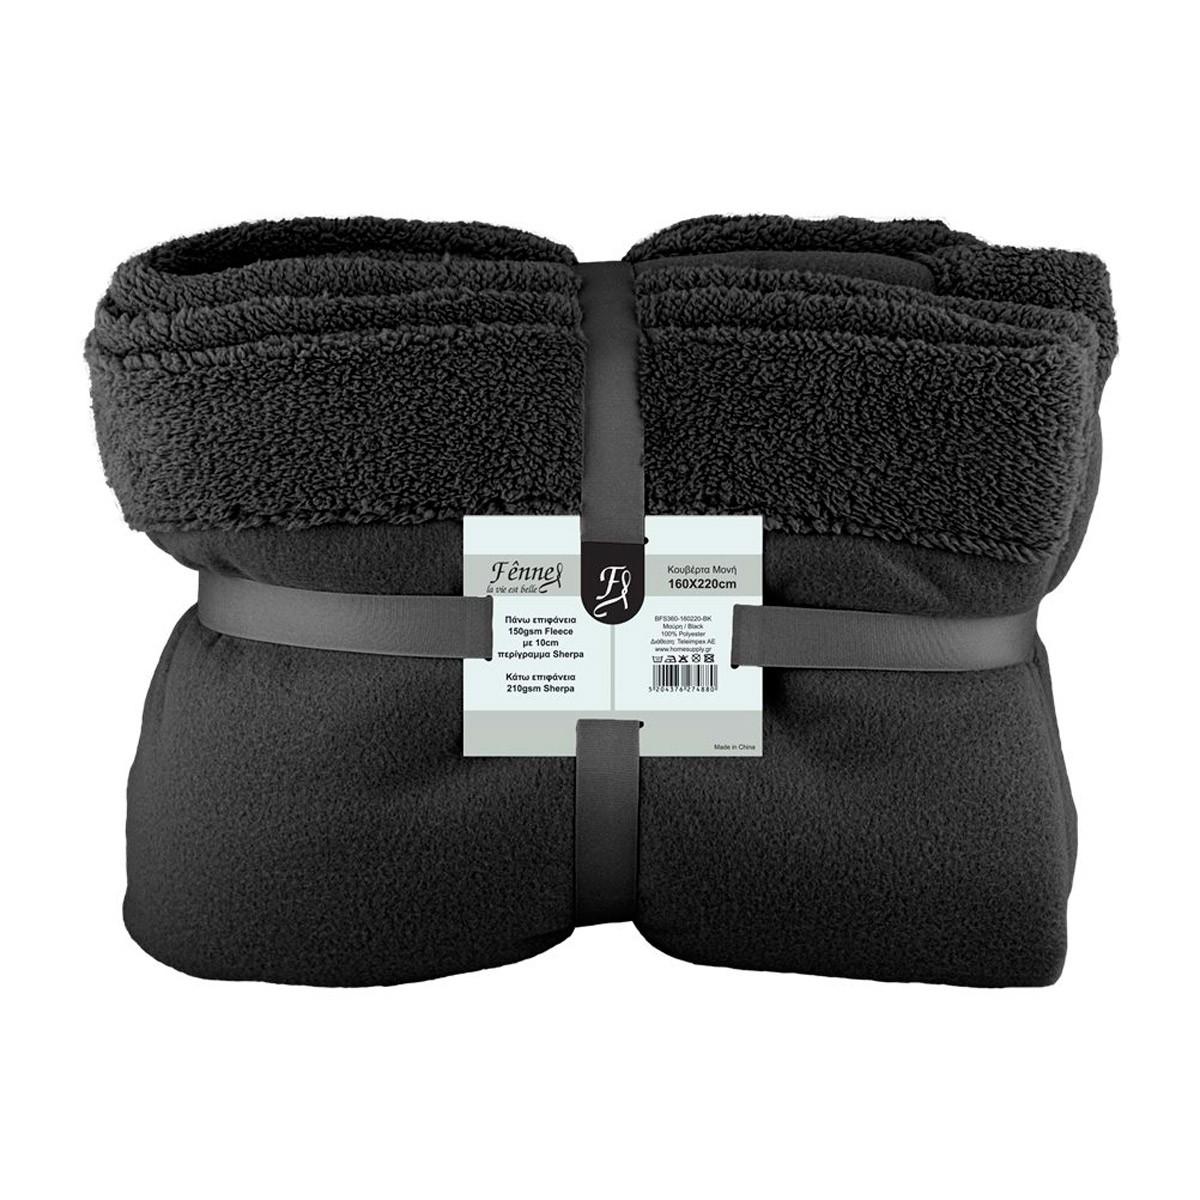 Κουβέρτα Fleece Μονή Fennel BFS360 Black